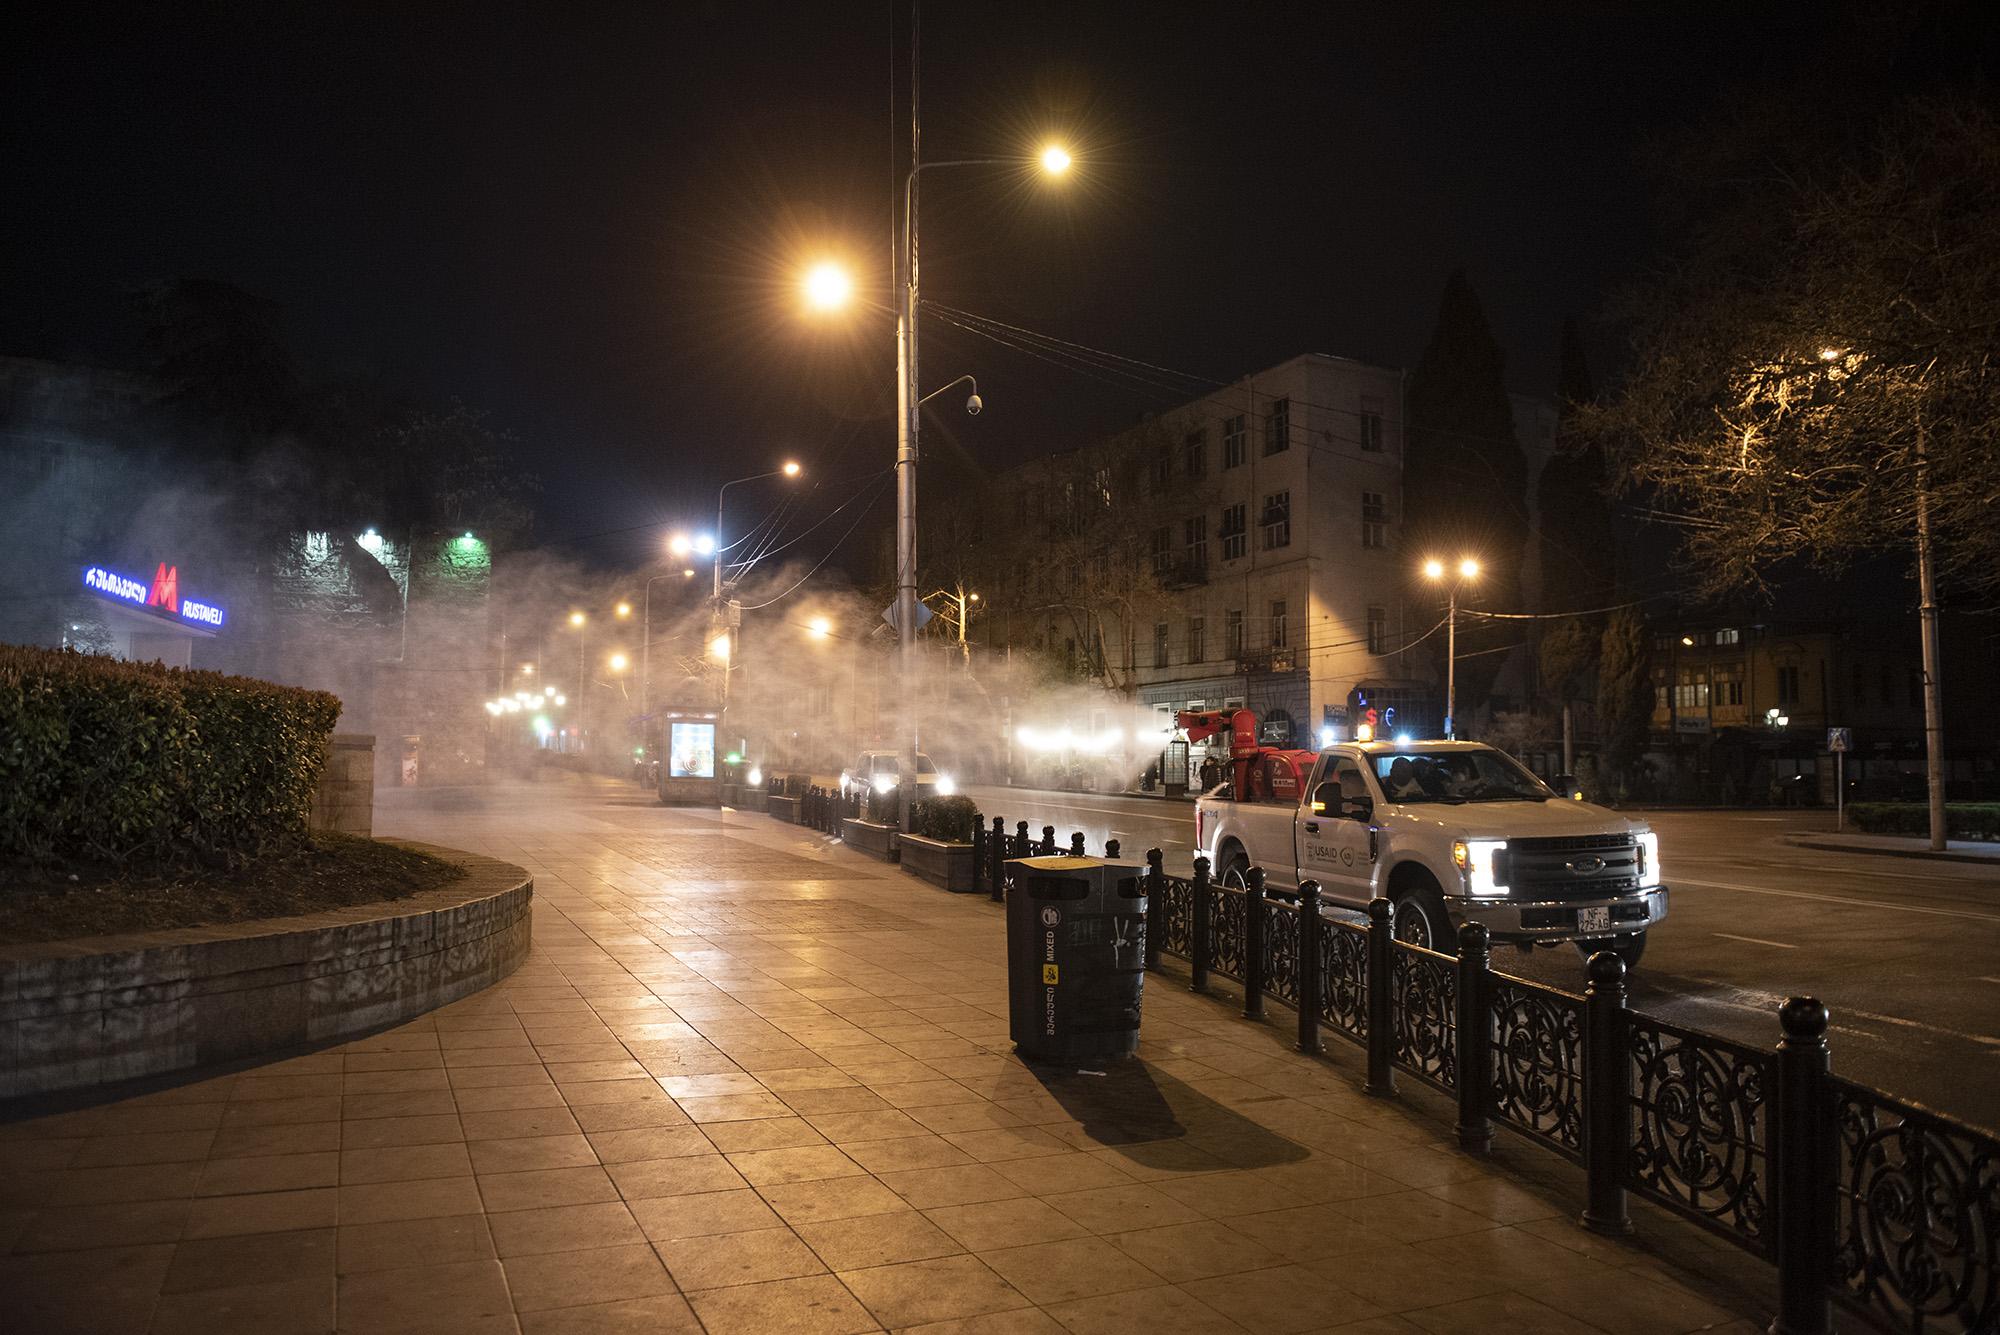 Мэрия Тбилиси начала дезинфекцию улиц 25 марта. Фото: Мариам Никурадзе/OC Media.